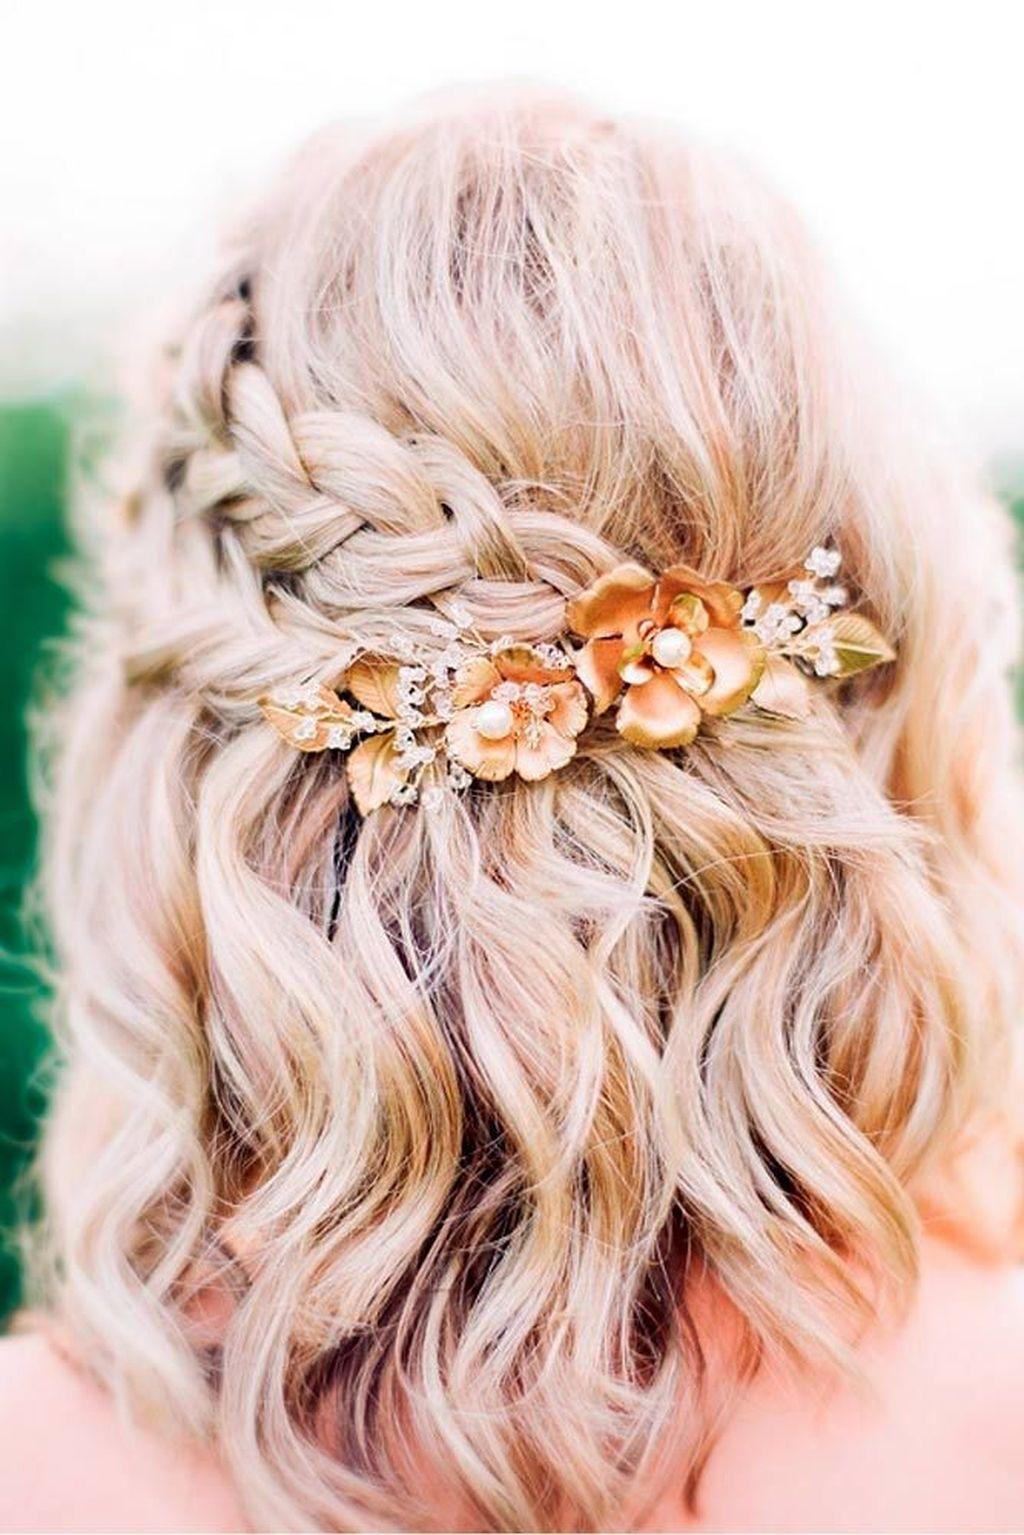 Những kiểu tóc Ngắn Đẹp Nhất nên áp dụng ngay khi đến salon Korigami